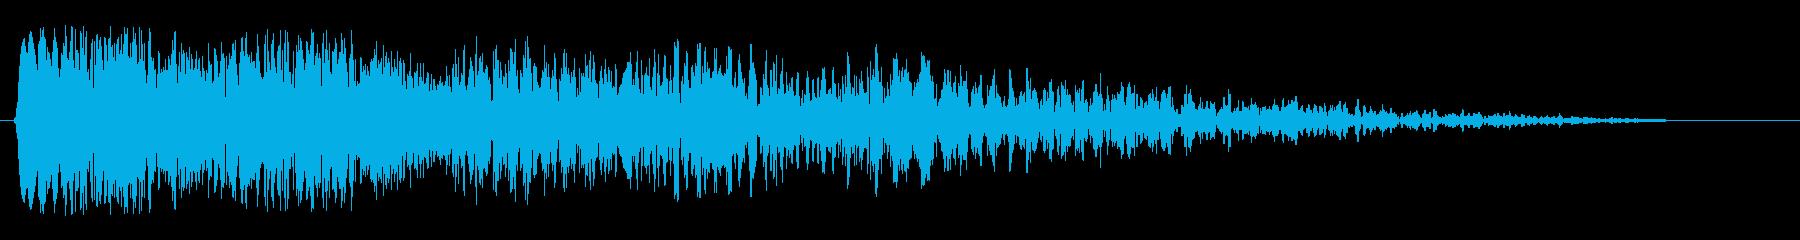 ヒューン(ビームの発射音)の再生済みの波形